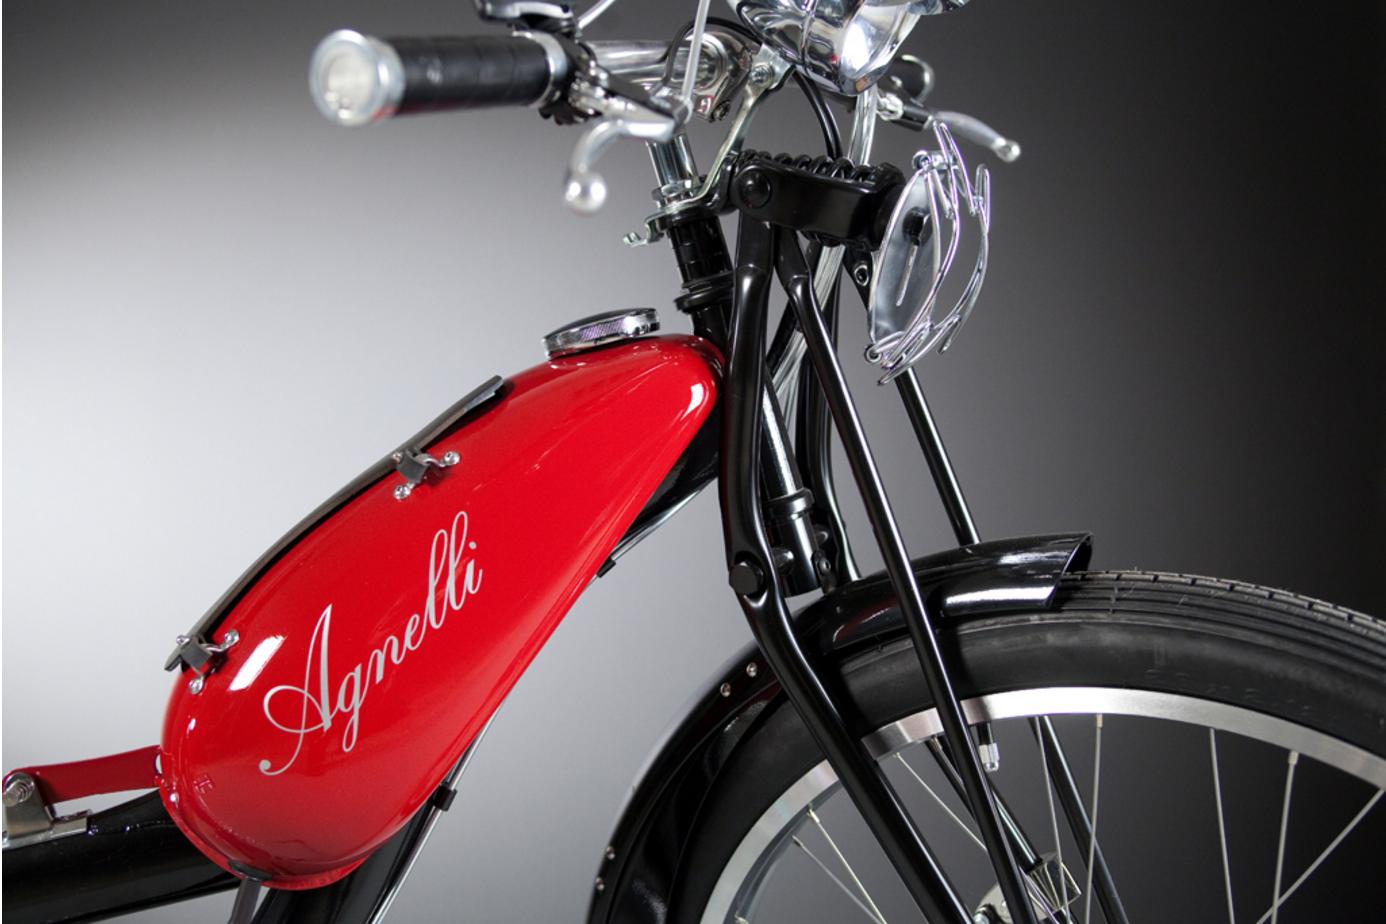 agnelli-milano-bici-baya-iyi-bisiklet-6